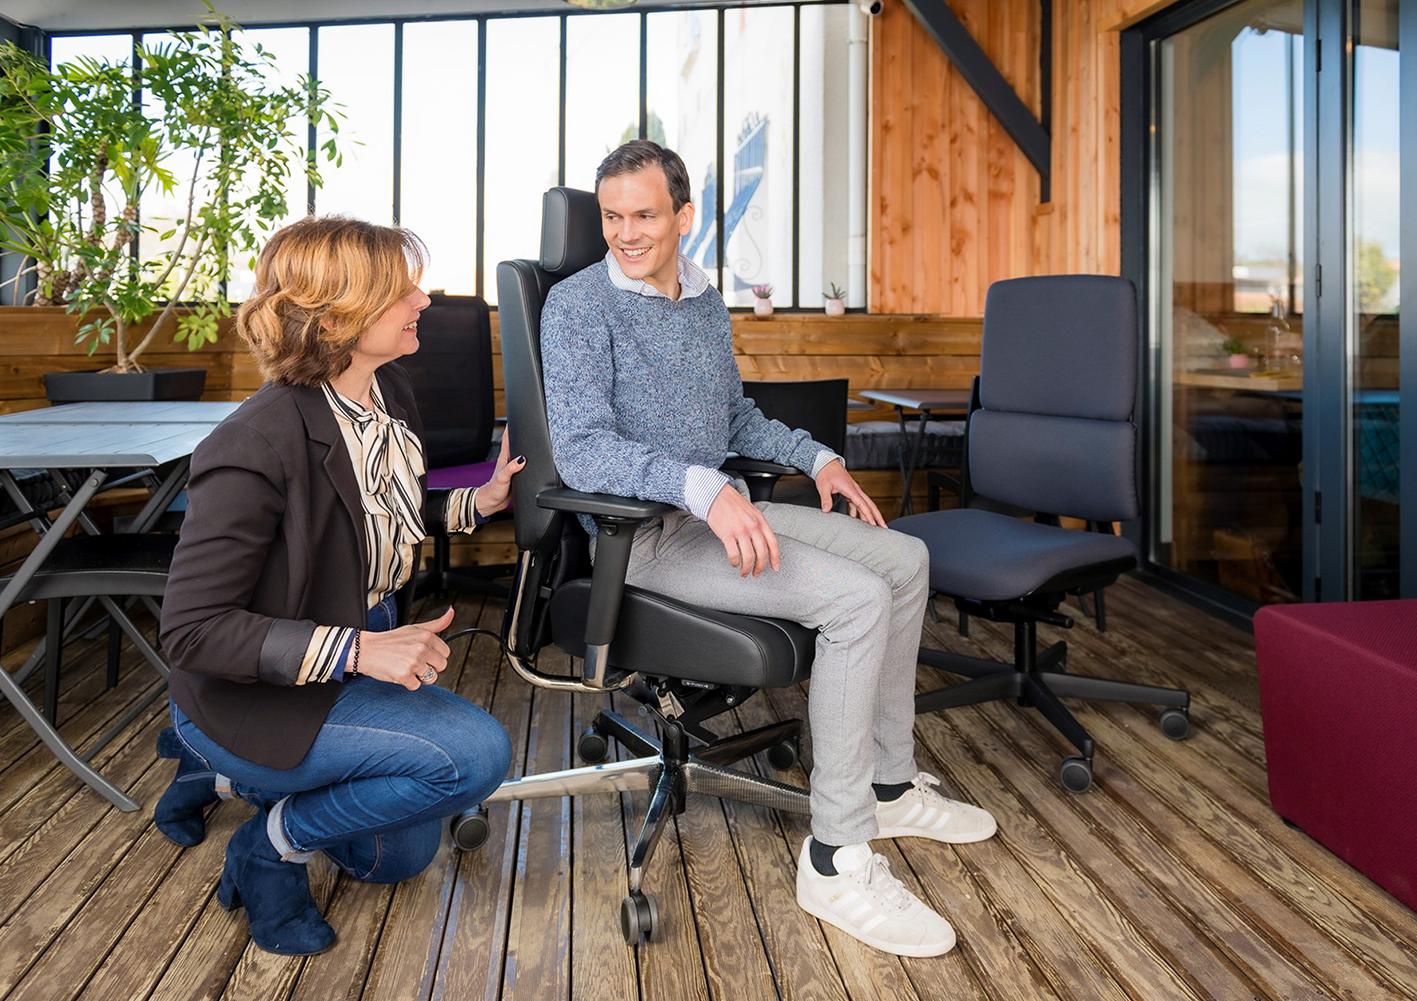 Hānea : du matériel de bureau adapté pour un espace de (télé)travail plus ergonomique